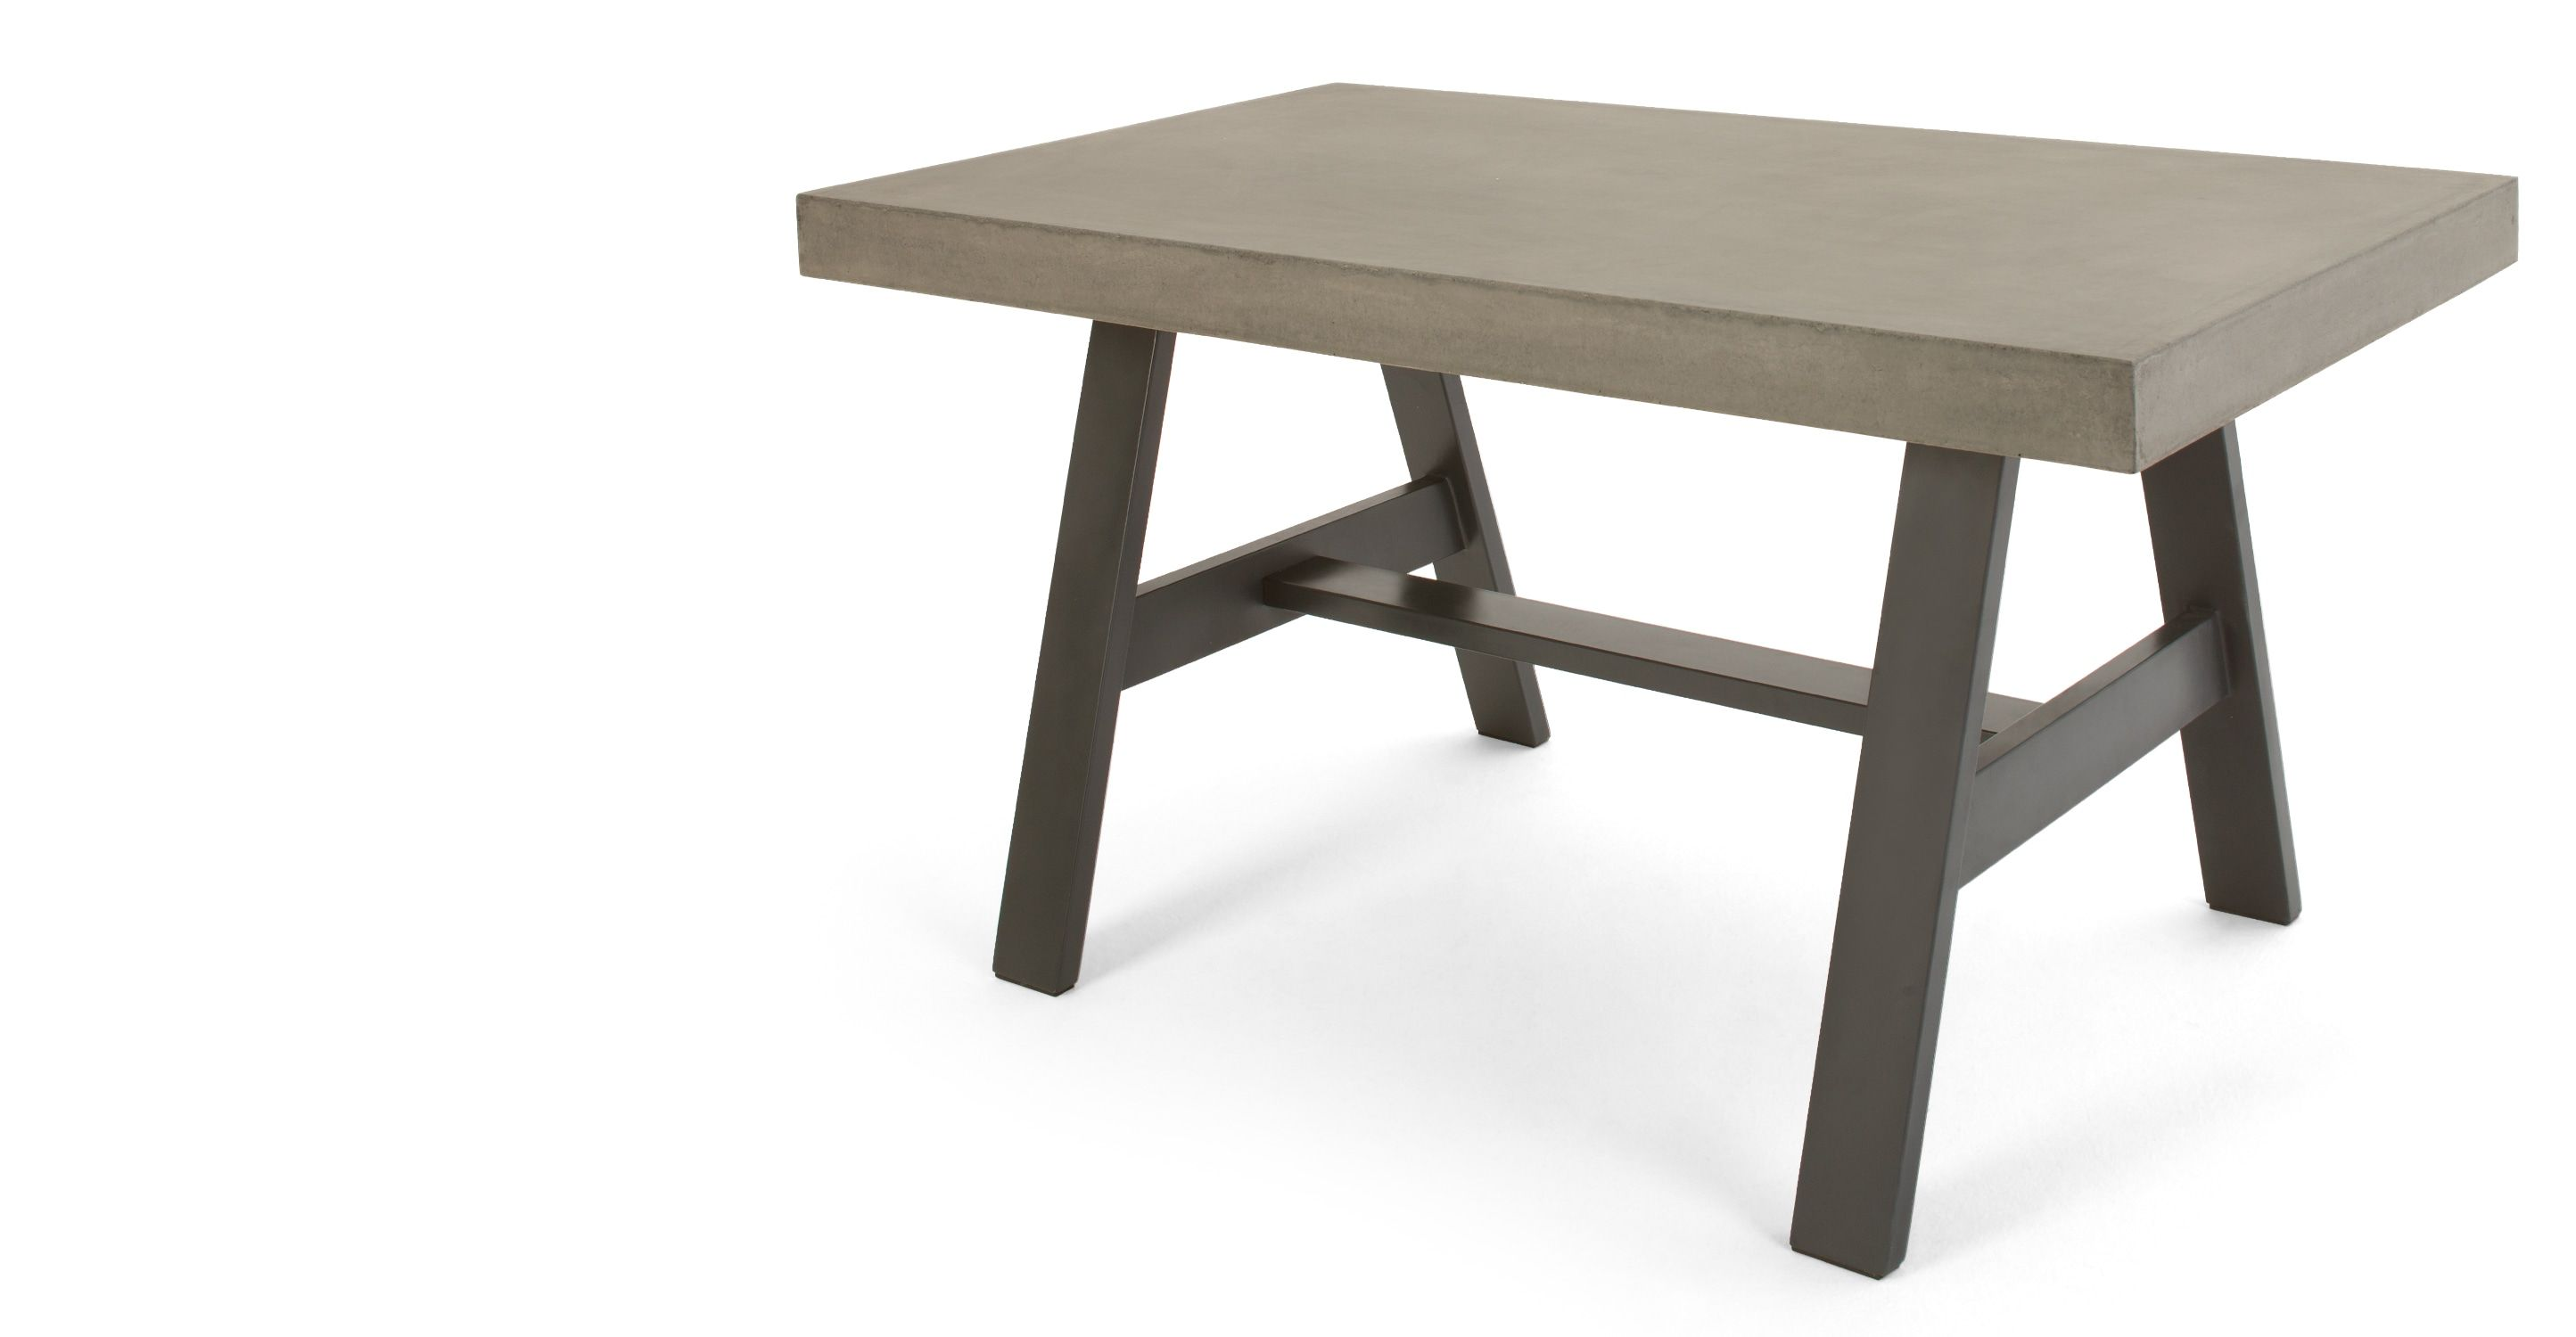 Edson Gartentisch, Beton und Metall - MADE.COM Jetzt bestellen unter ...